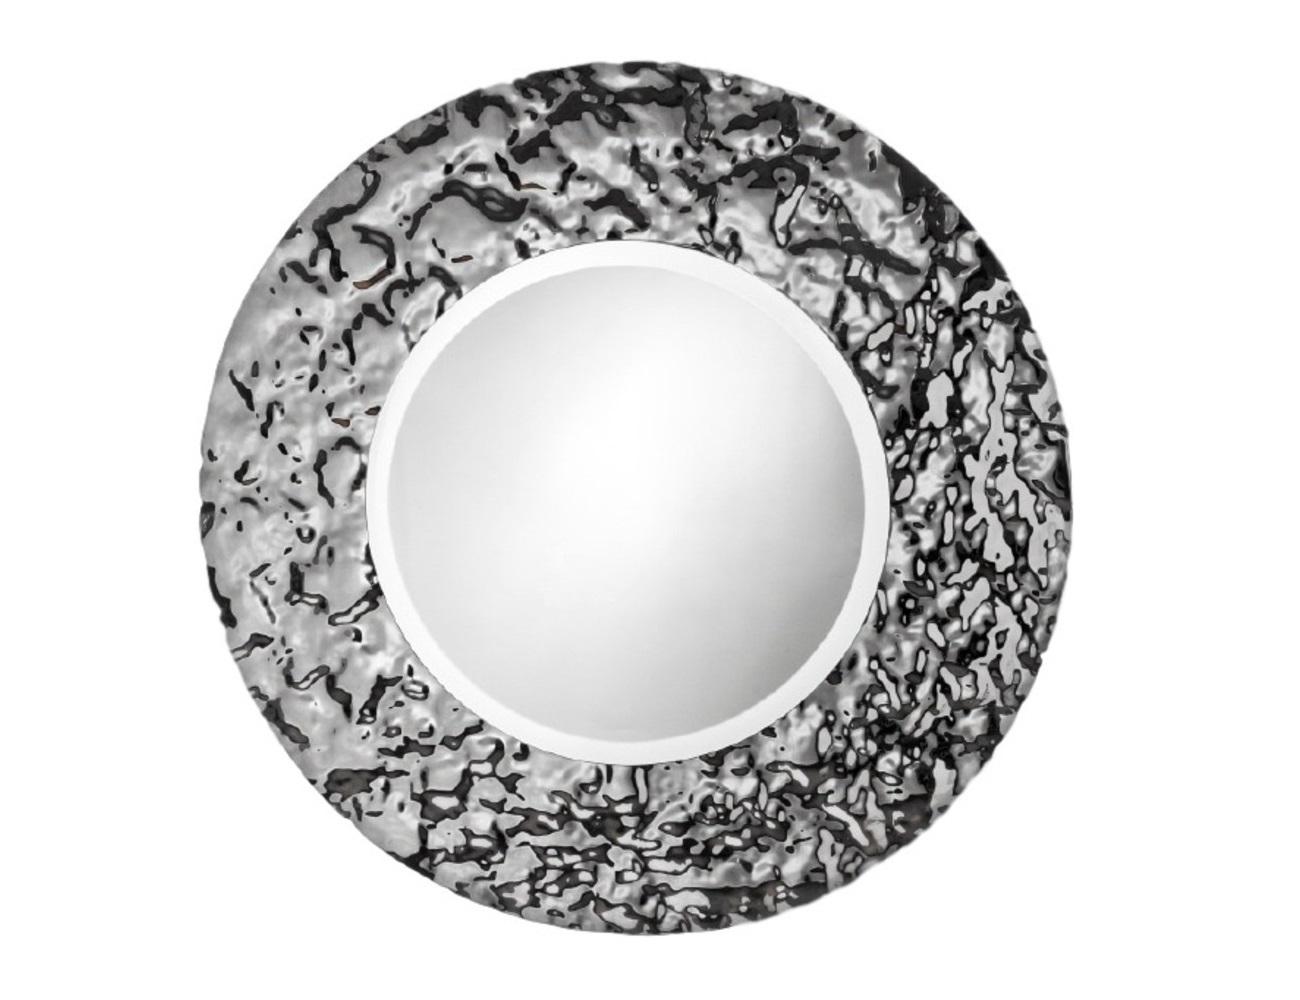 Зеркало Круг AquaНастенные зеркала<br>Зеркало уже не может быть просто зеркалом, если его обрамлением является авторская работа братьев Фомичевых. Такое круглое зеркало в необычной рамке, способно украсить даже самый тусклый интерьер. Это полноценный арт-объект. Внушительные размеры, безупречный блеск стекла — в таком зеркале смотреть на свое отражение сплошное удовольствие.    Обрамление зеркала имитирует поверхность воды, застывшую на долю секунды .  Зеркало в собранном виде и в комплекте есть крепления.<br><br>Material: Стекло<br>Высота см: 5